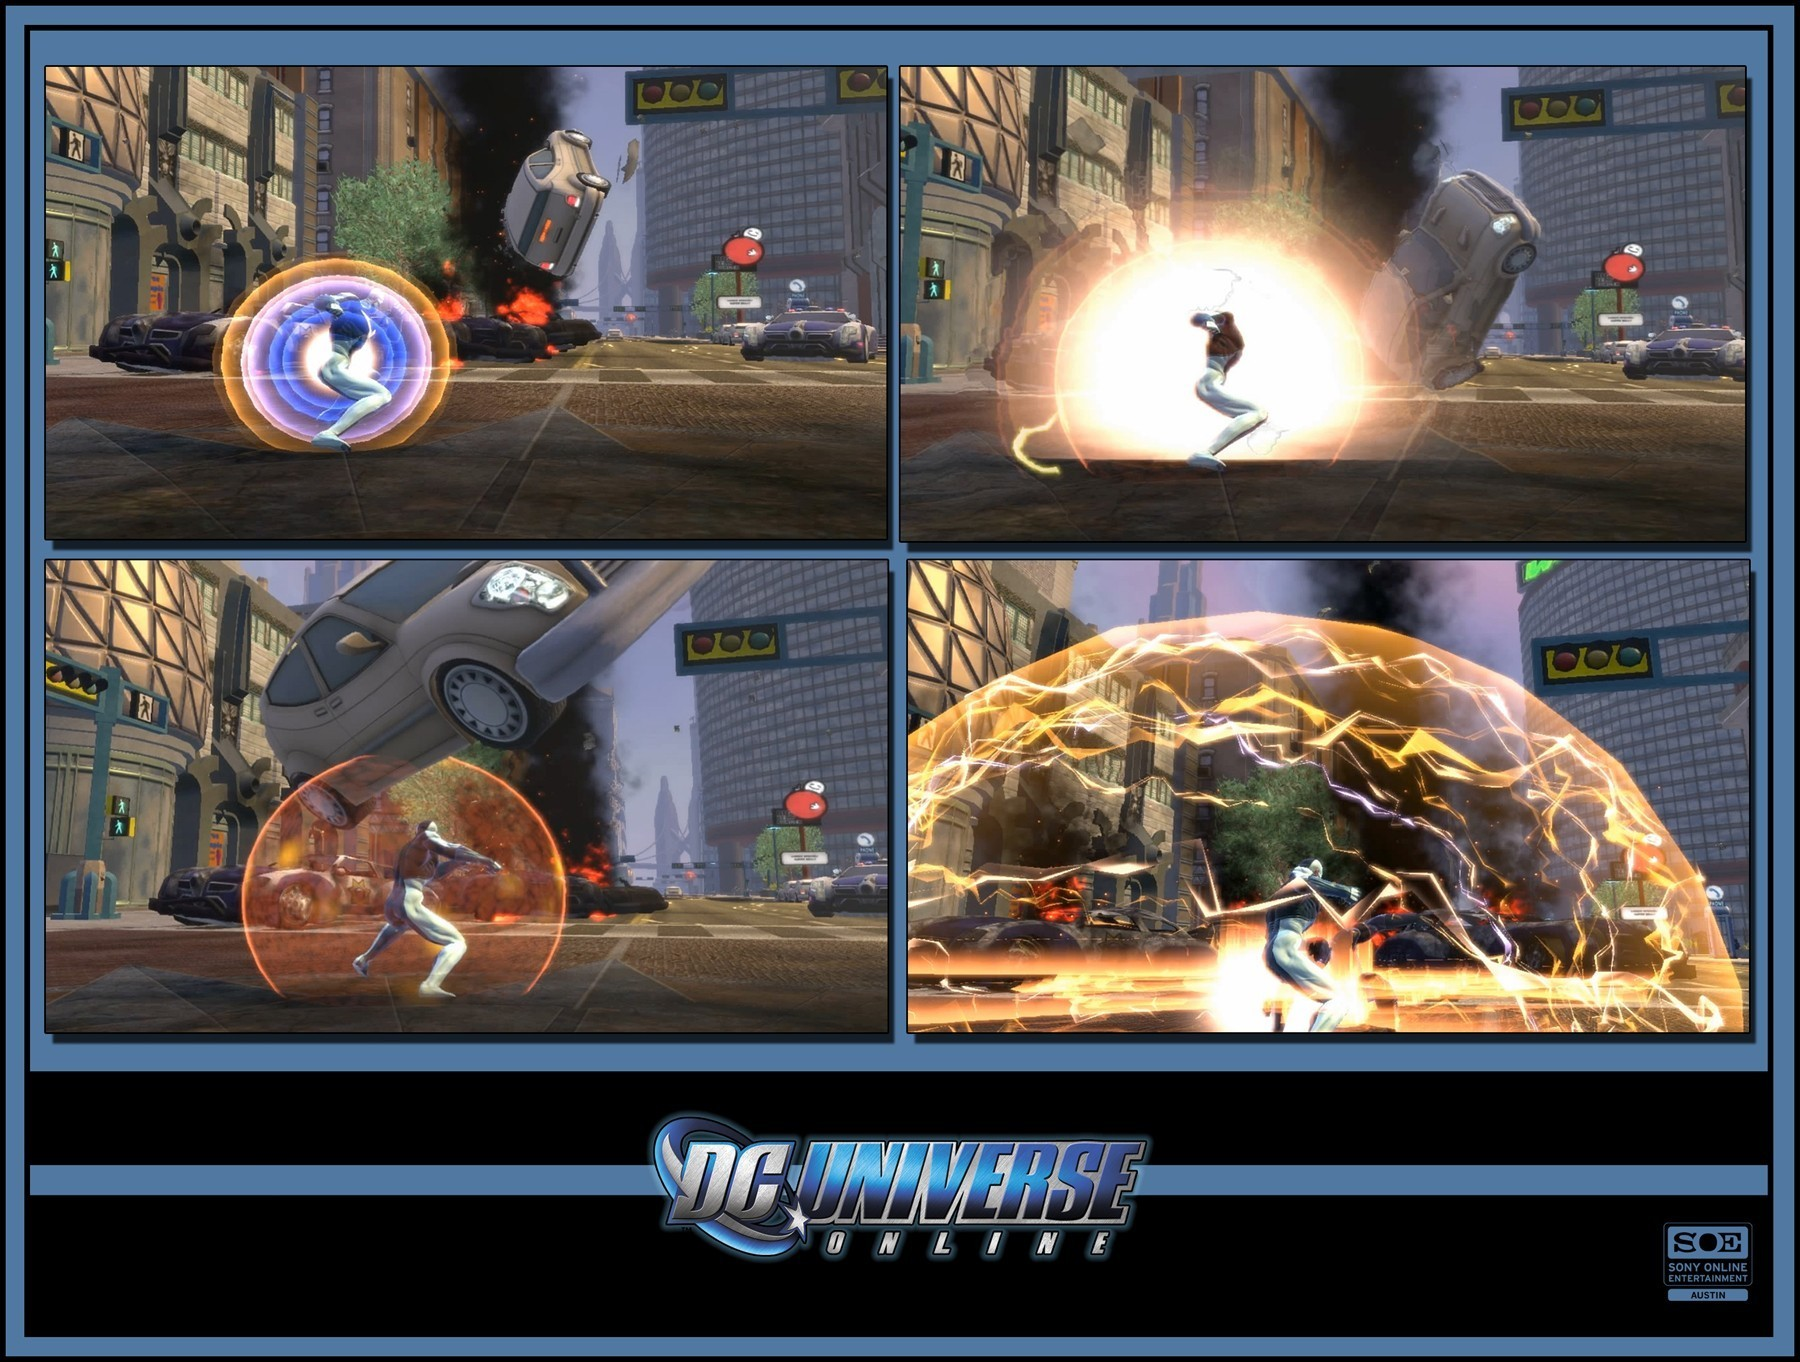 DC Universe Online: nuove immagini ufficiali